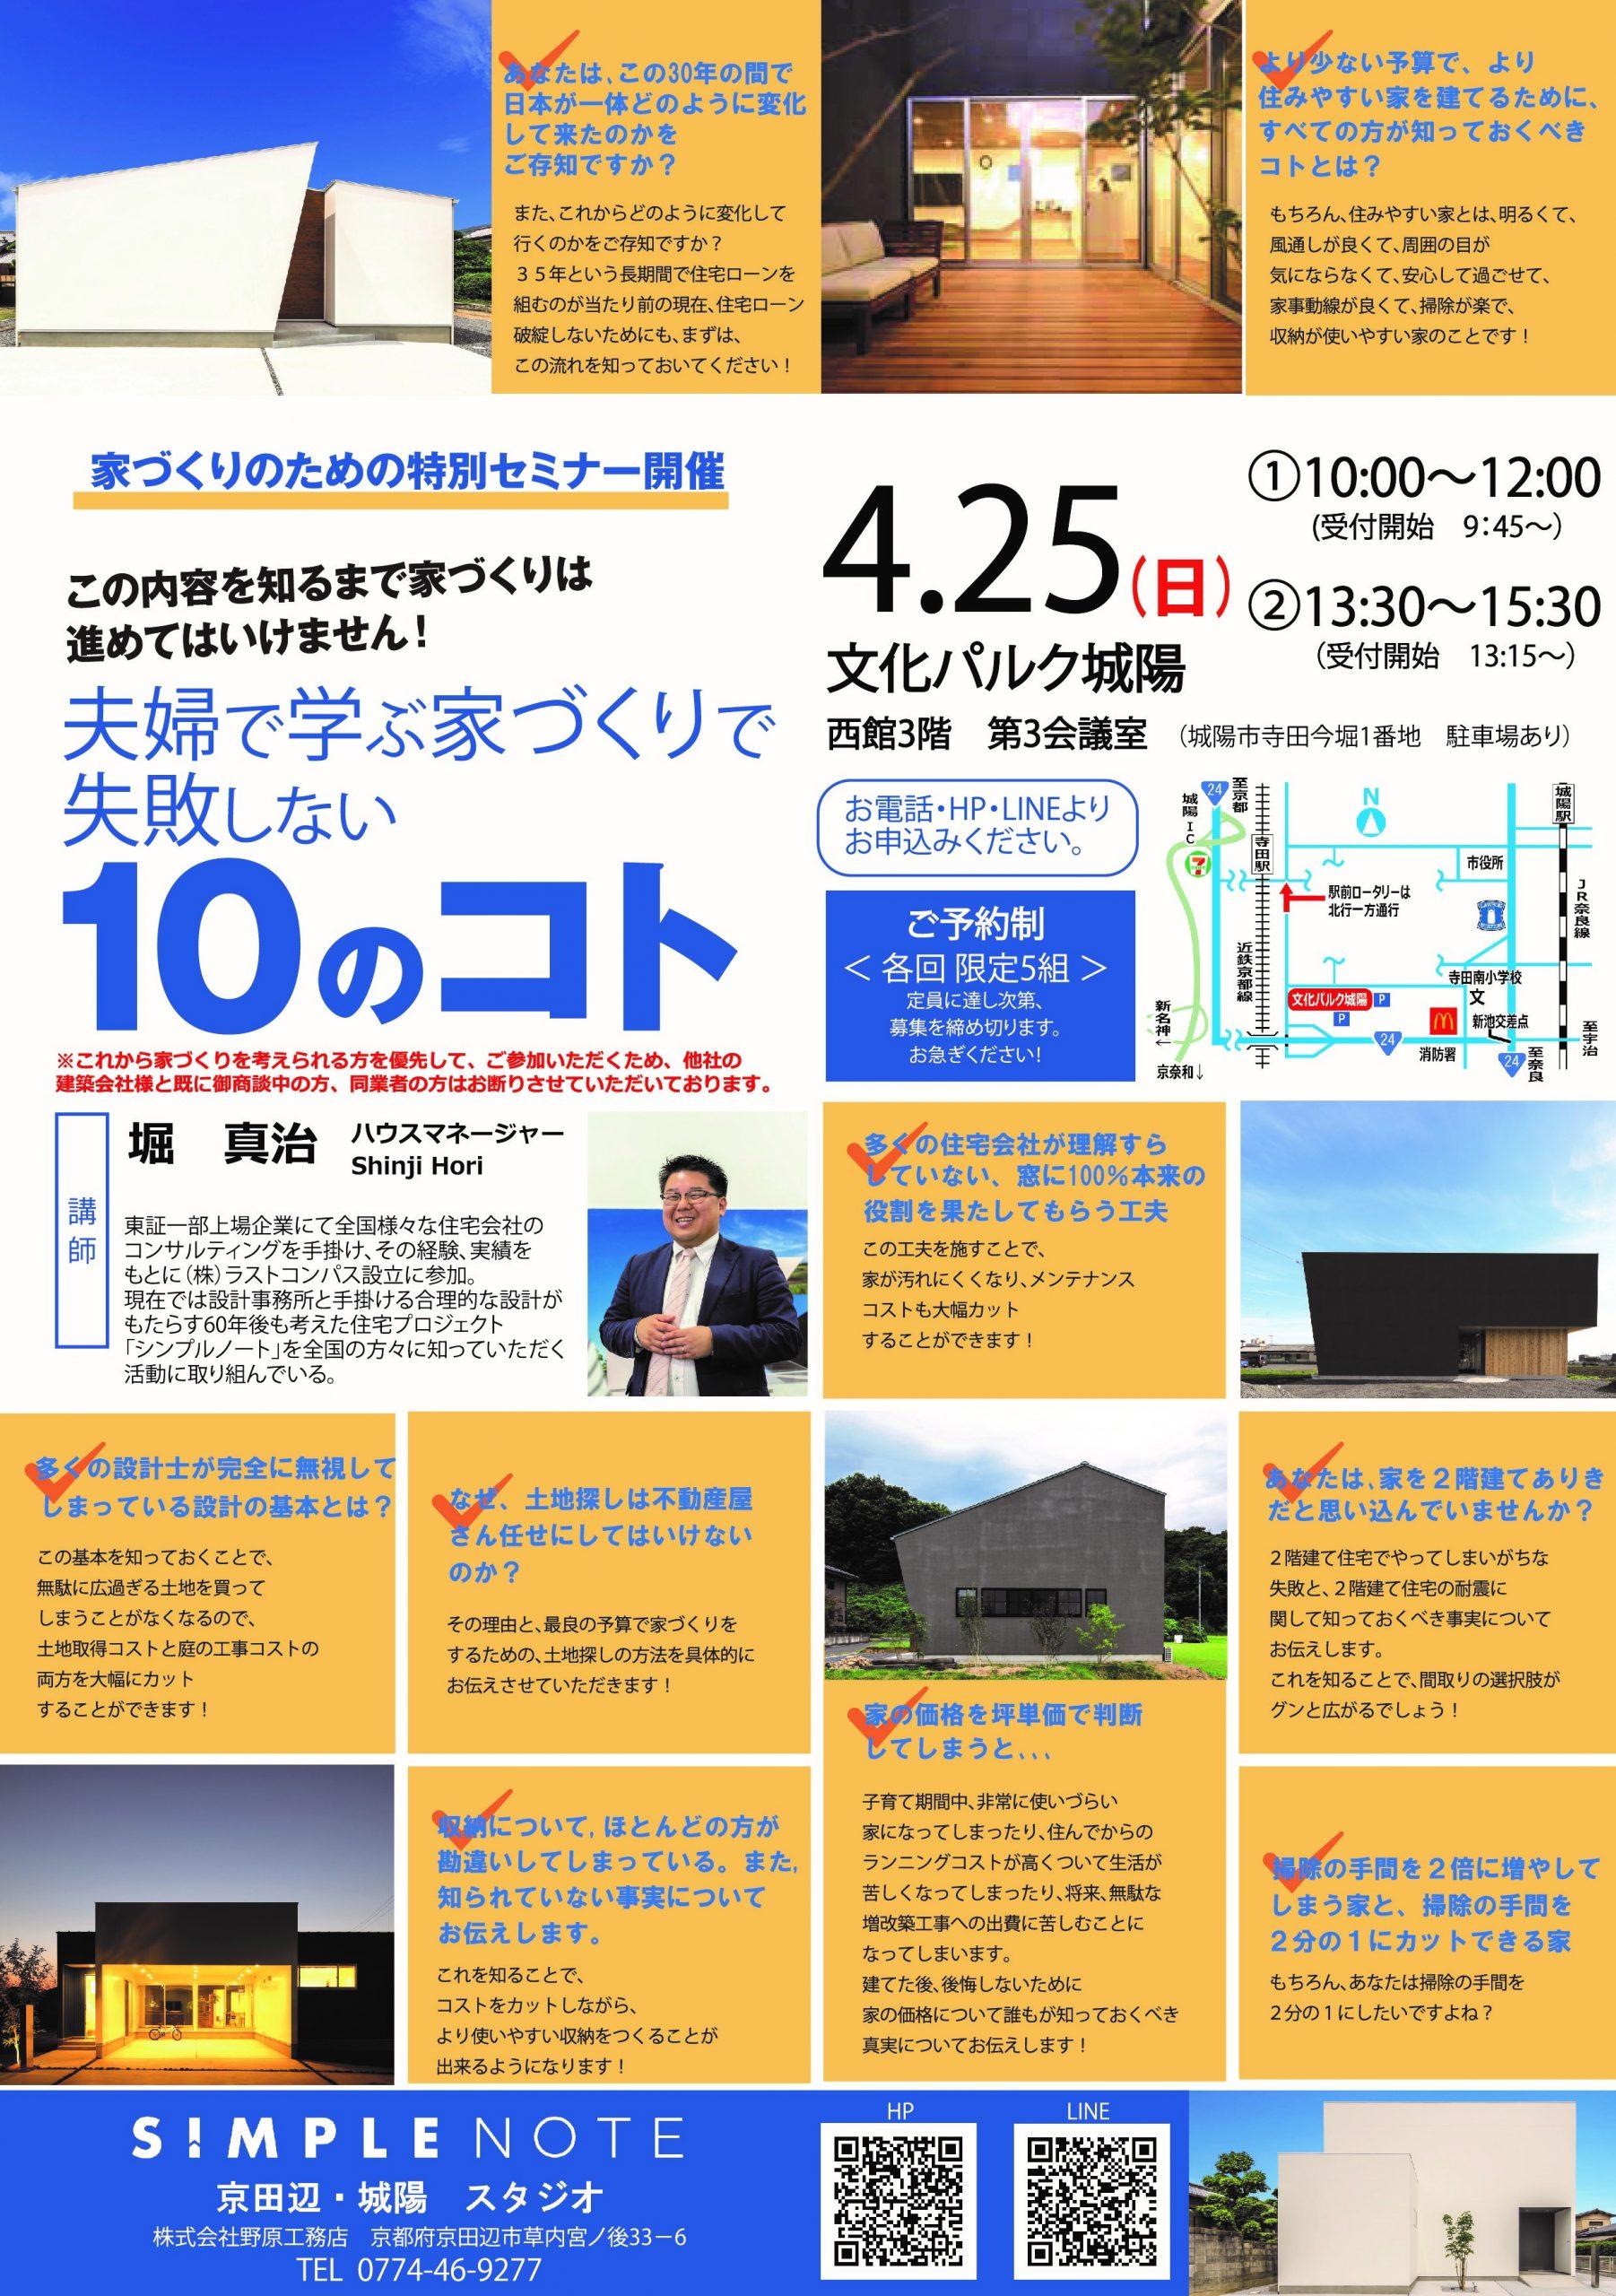 ※延期※【4/25(日) 開催】家づくり特別セミナー@文化パルク城陽